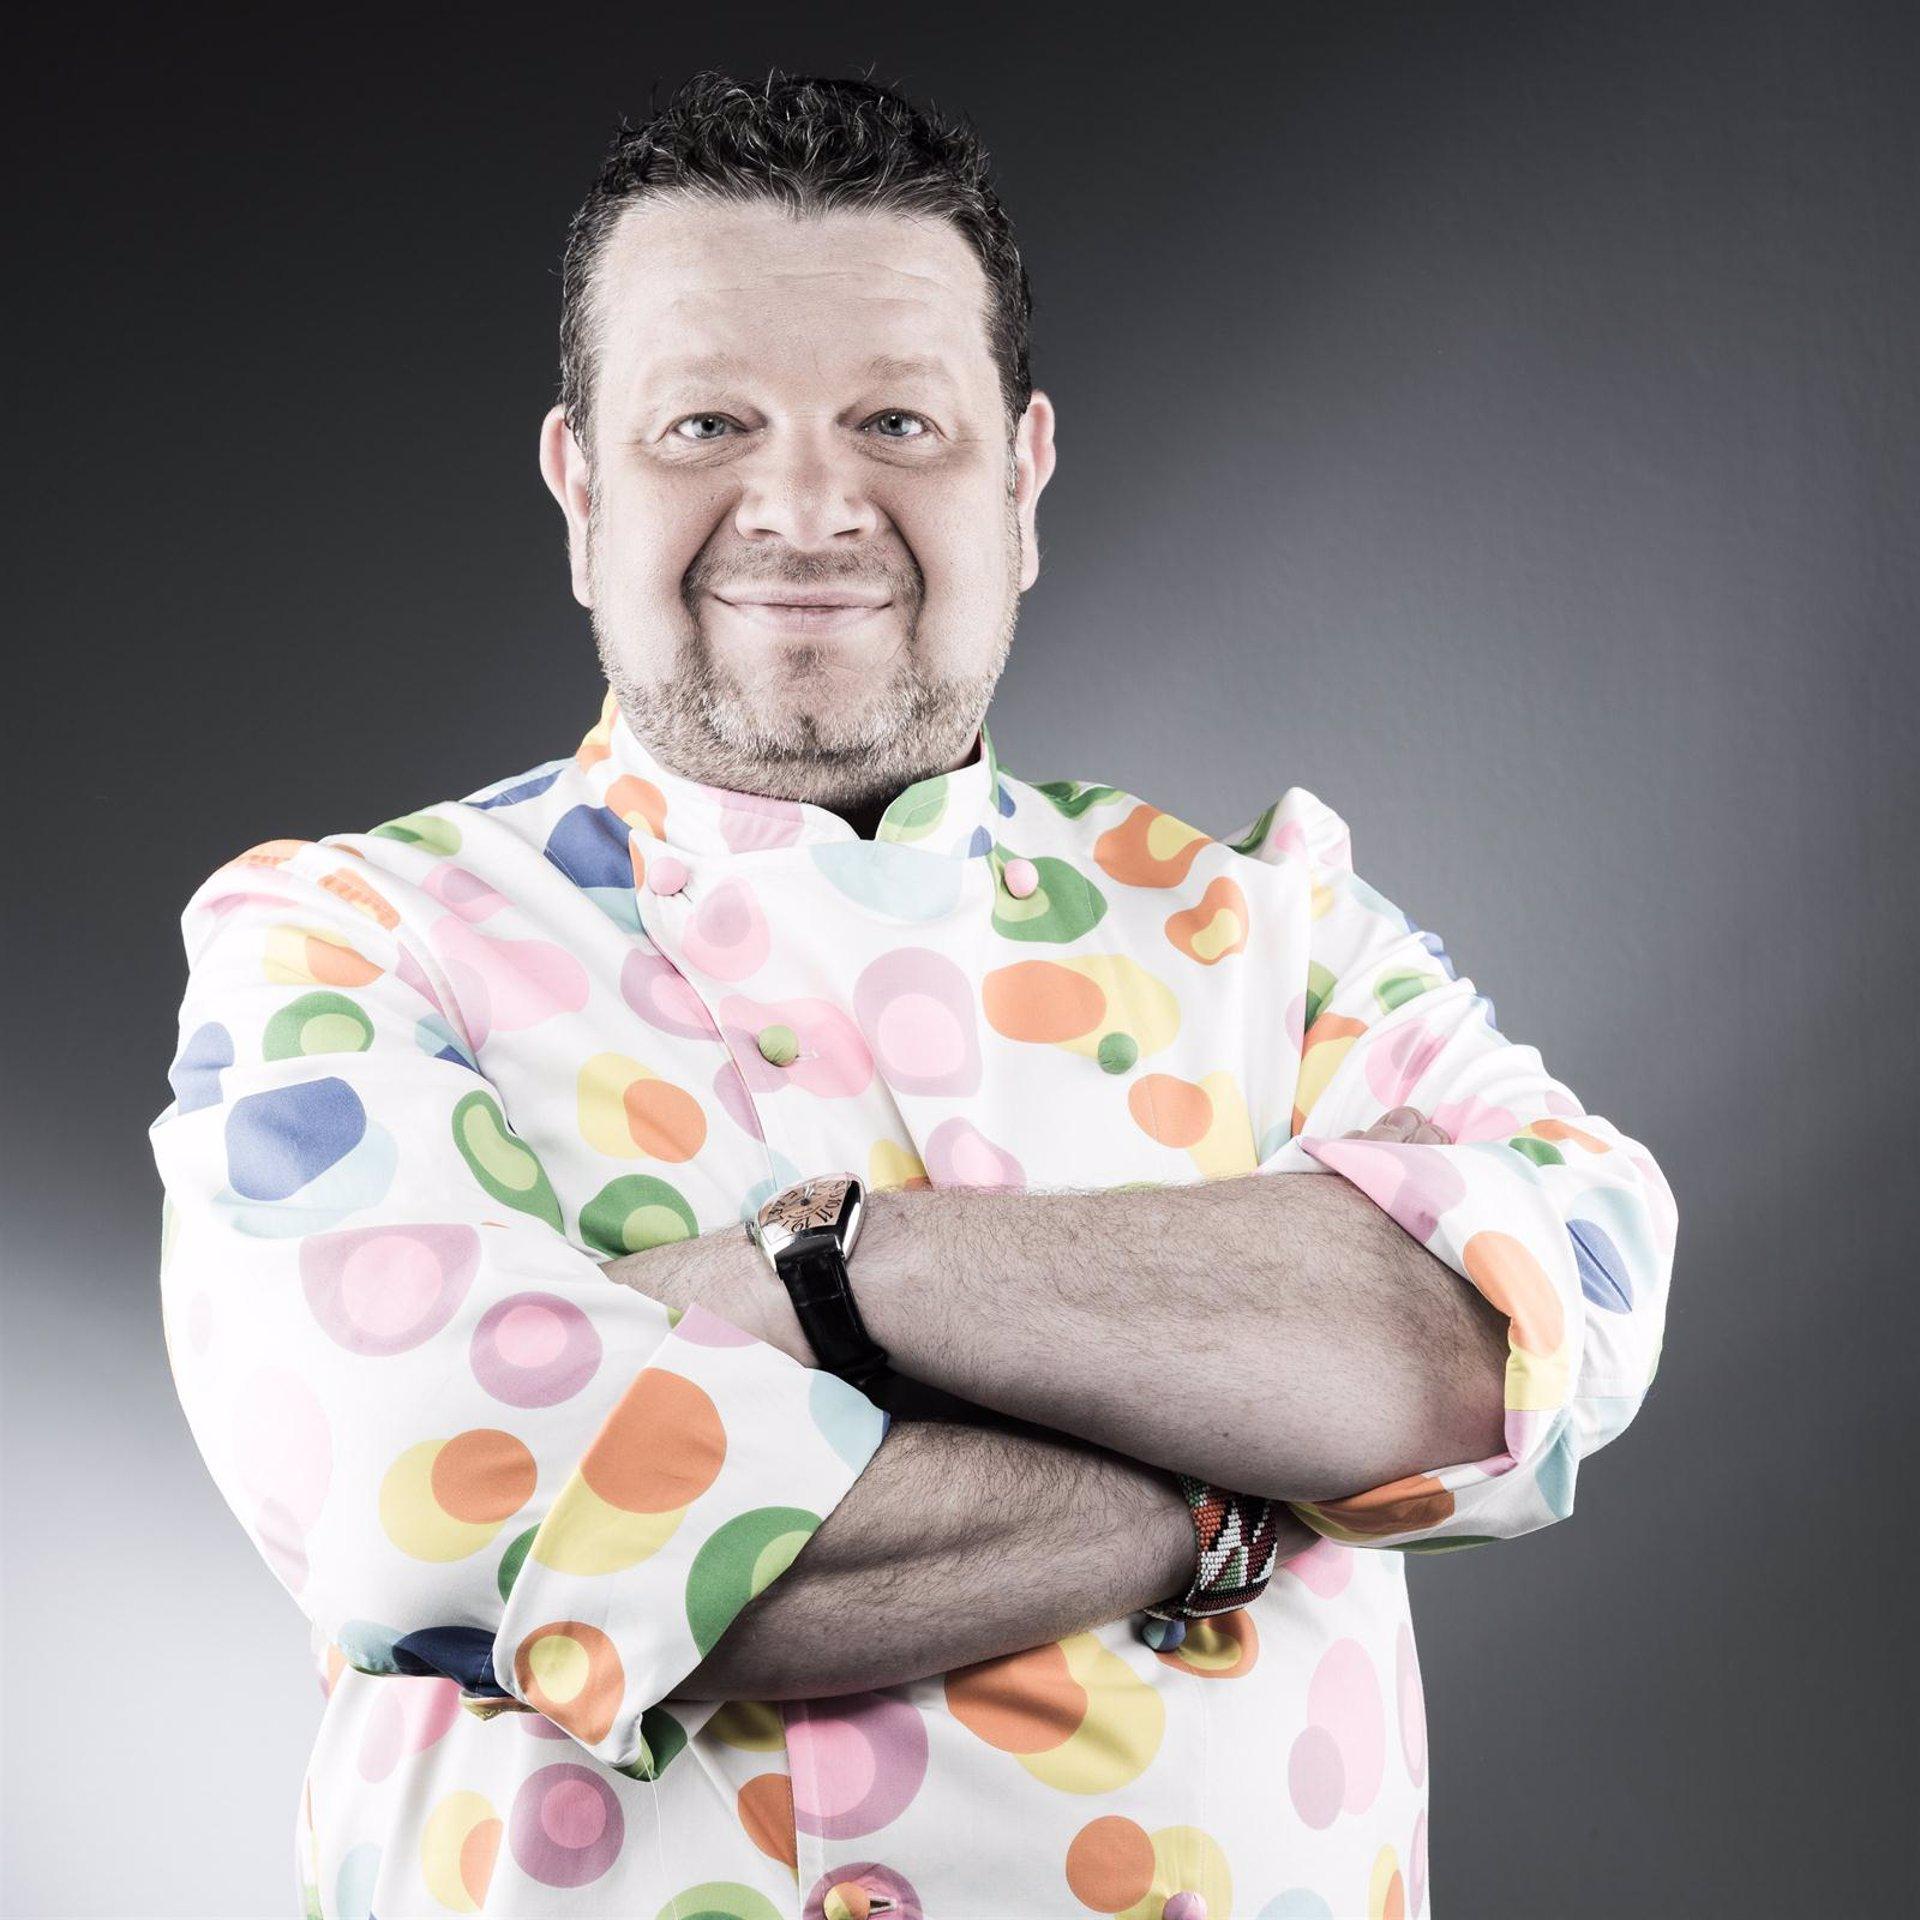 Ver Pesadilla En La Cocina Chicote | Alberto Chicote Ayuda A Un Amigo En Pesadilla En La Cocina